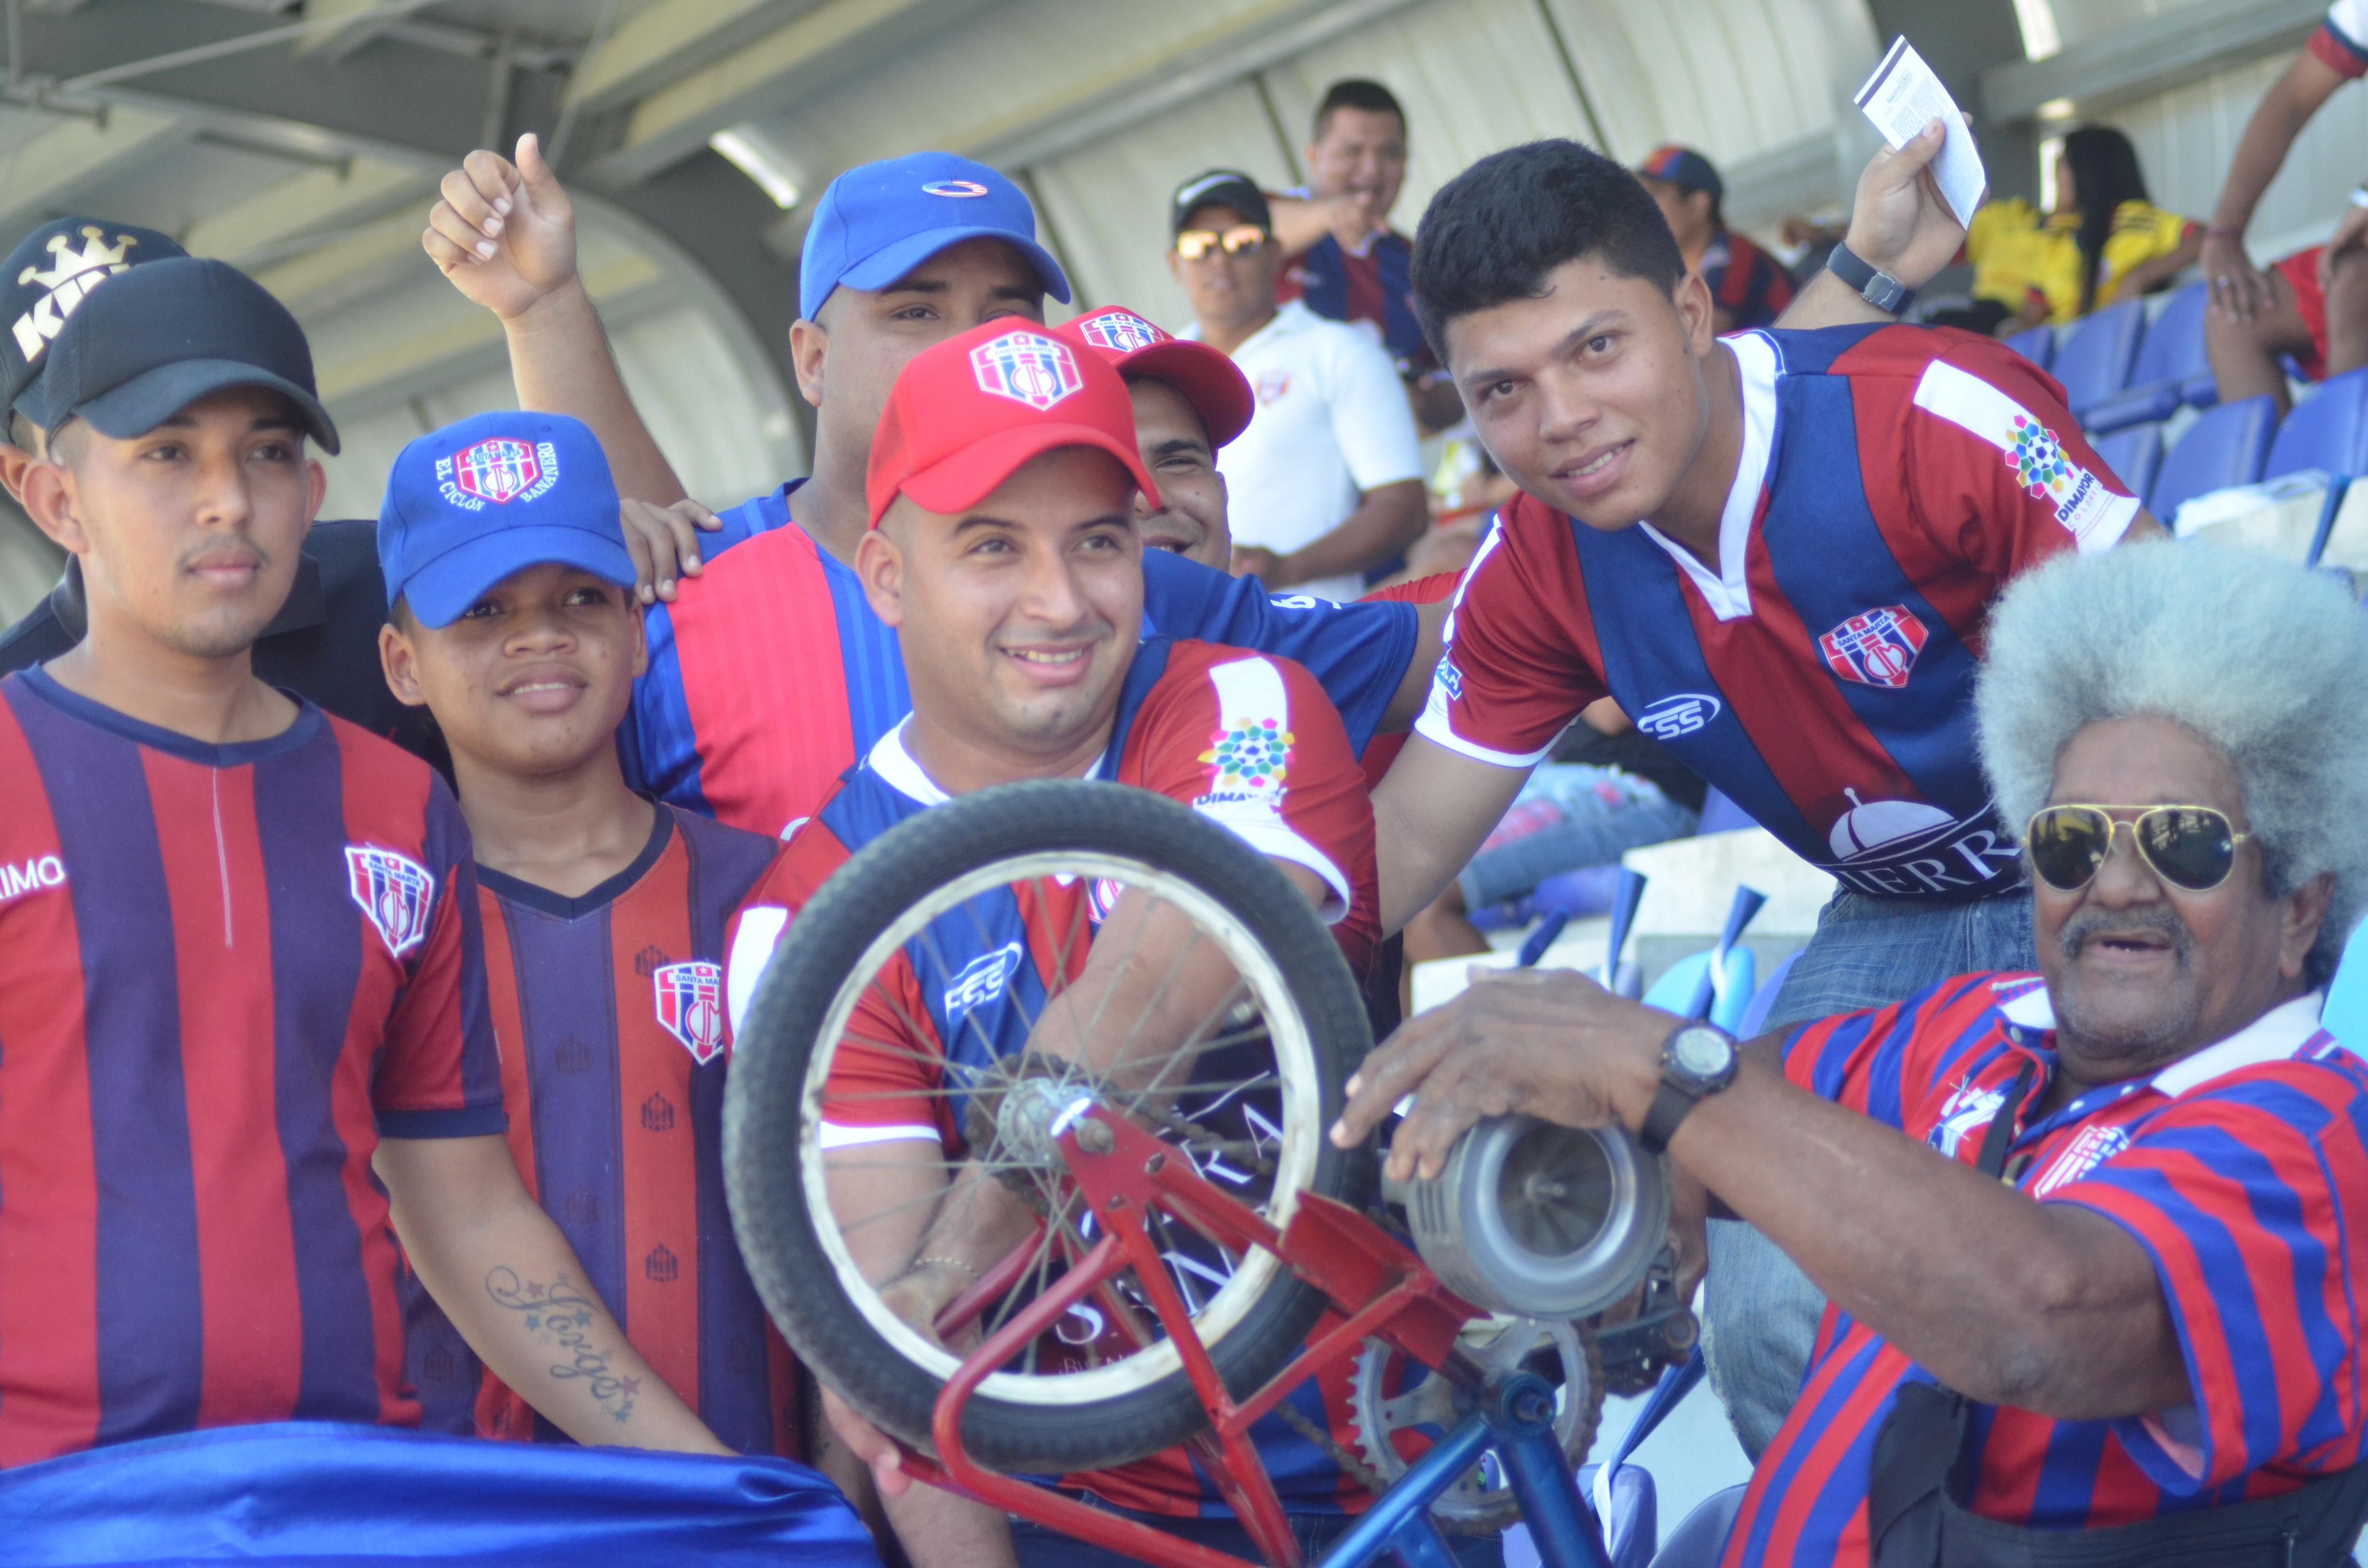 La alegría de la afición del Unión Magdalena por el regreso del equipo a Santa Marta.